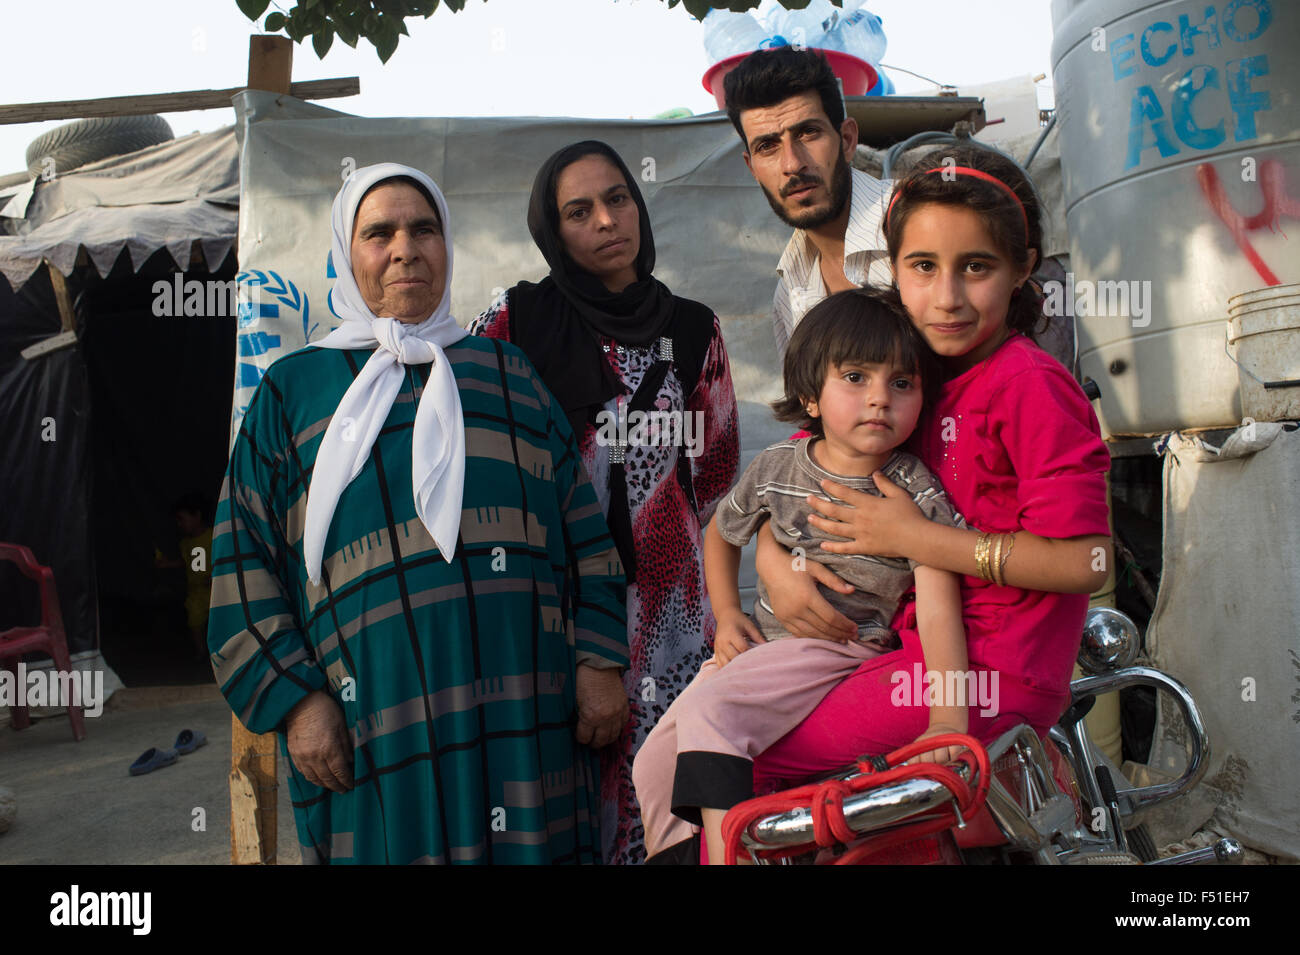 Famille de réfugiés syriens dans la vallée de la Bekka près de Zahlé, dans le camp de l'ONU. Photo Stock